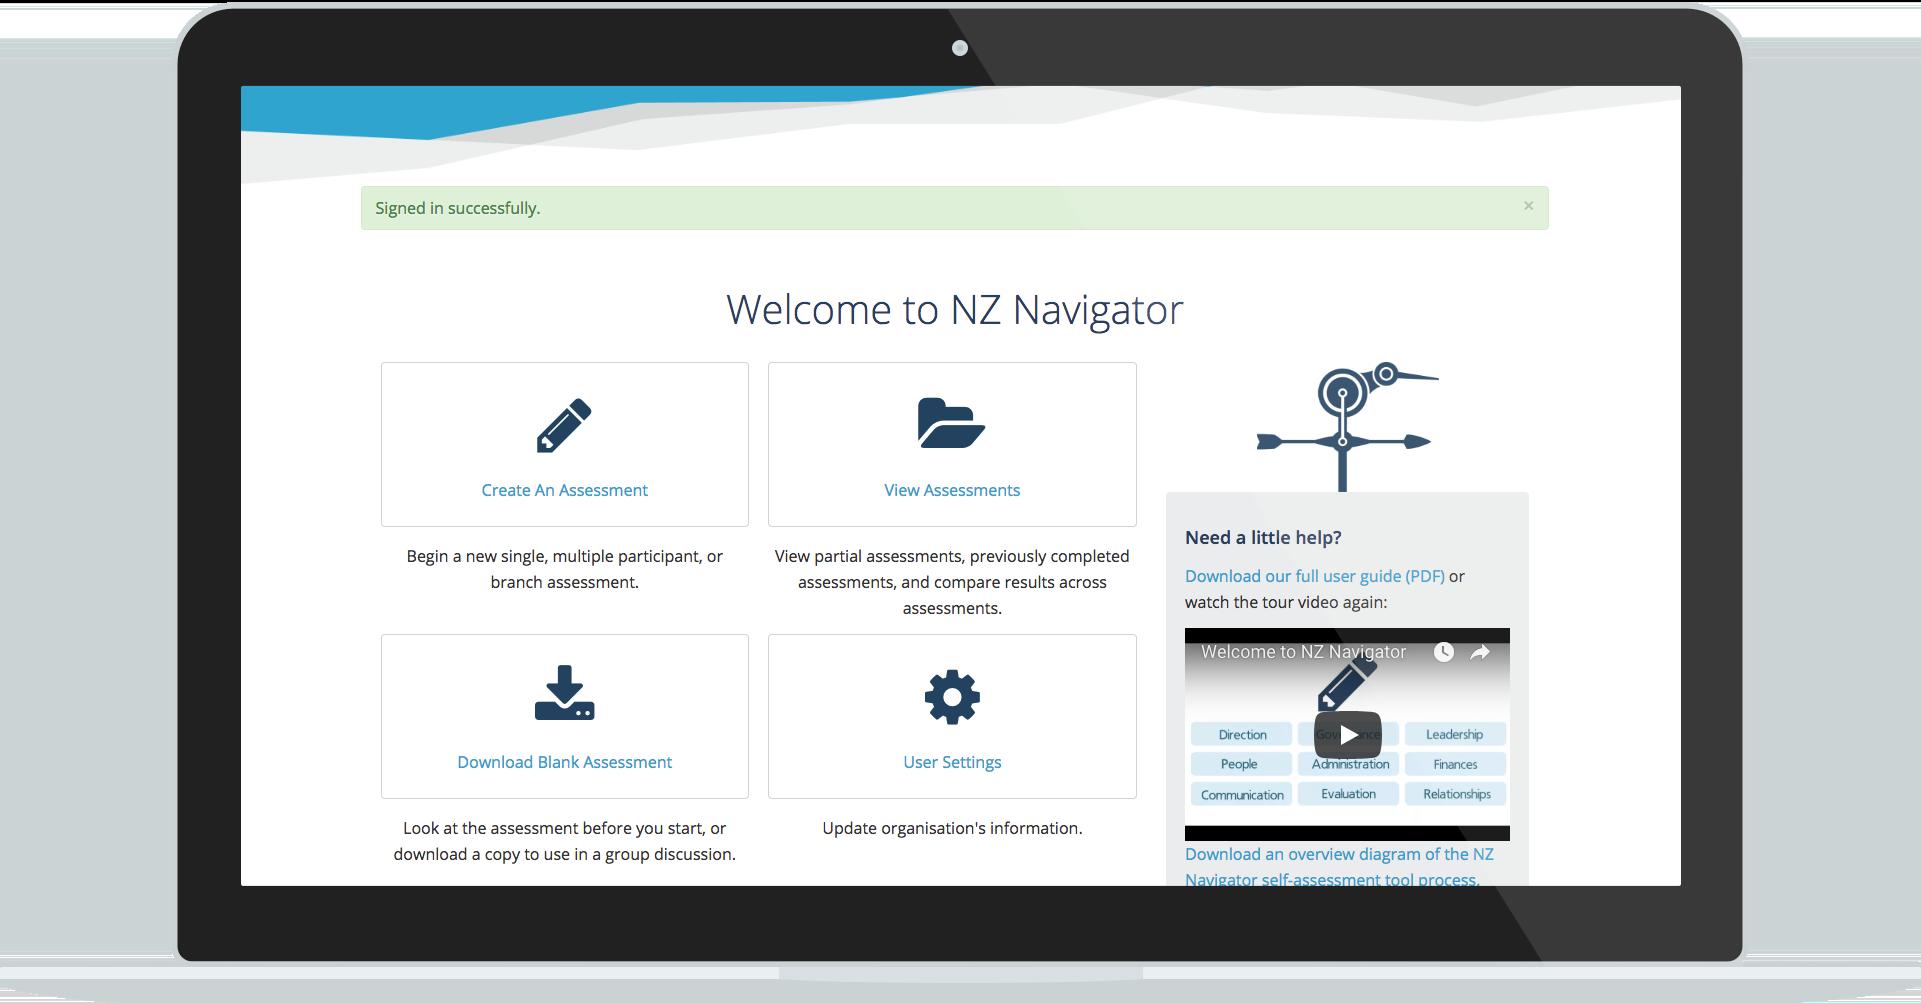 NZ Navigator website service design